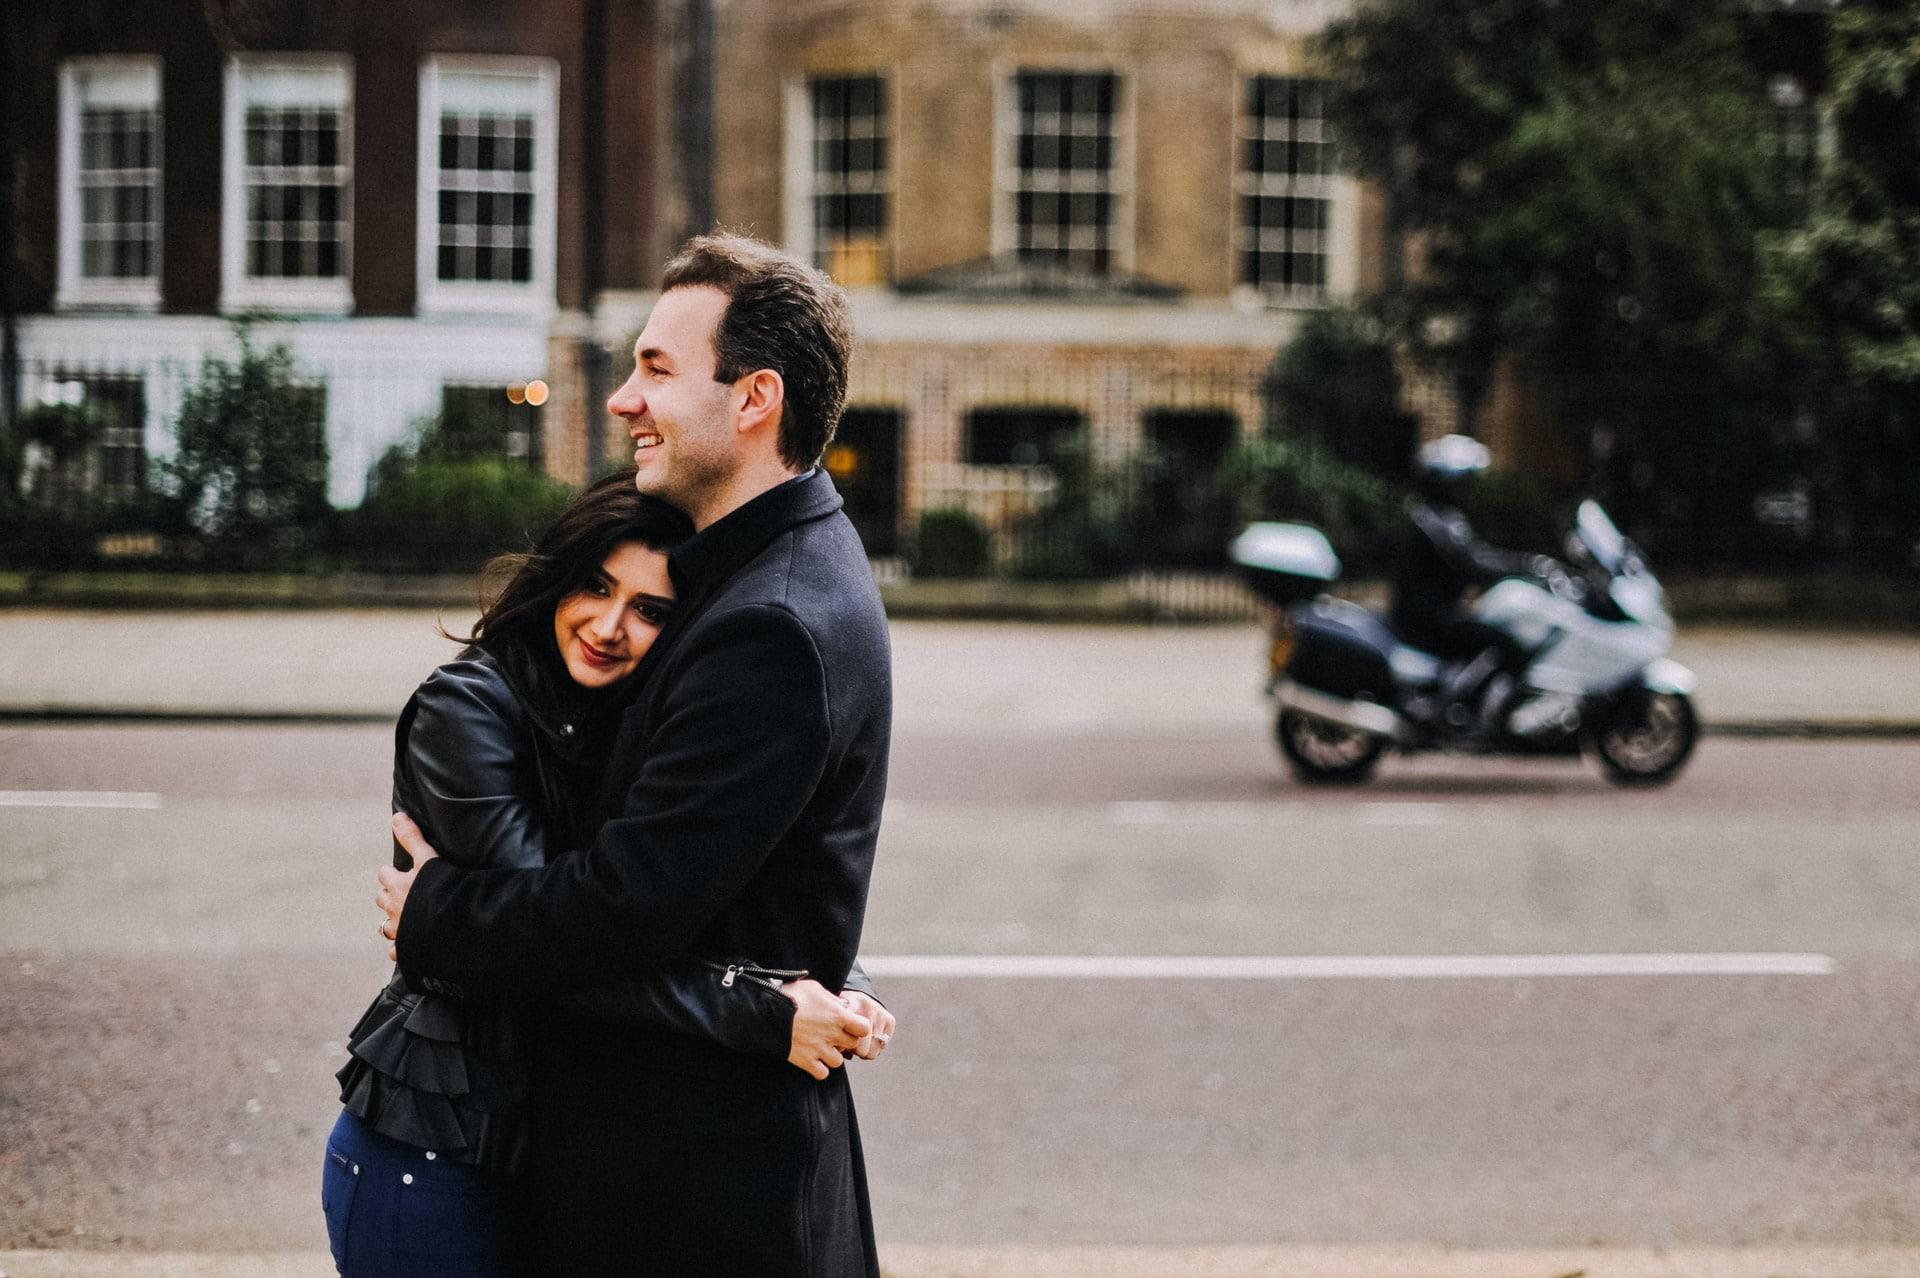 st. james engagement london